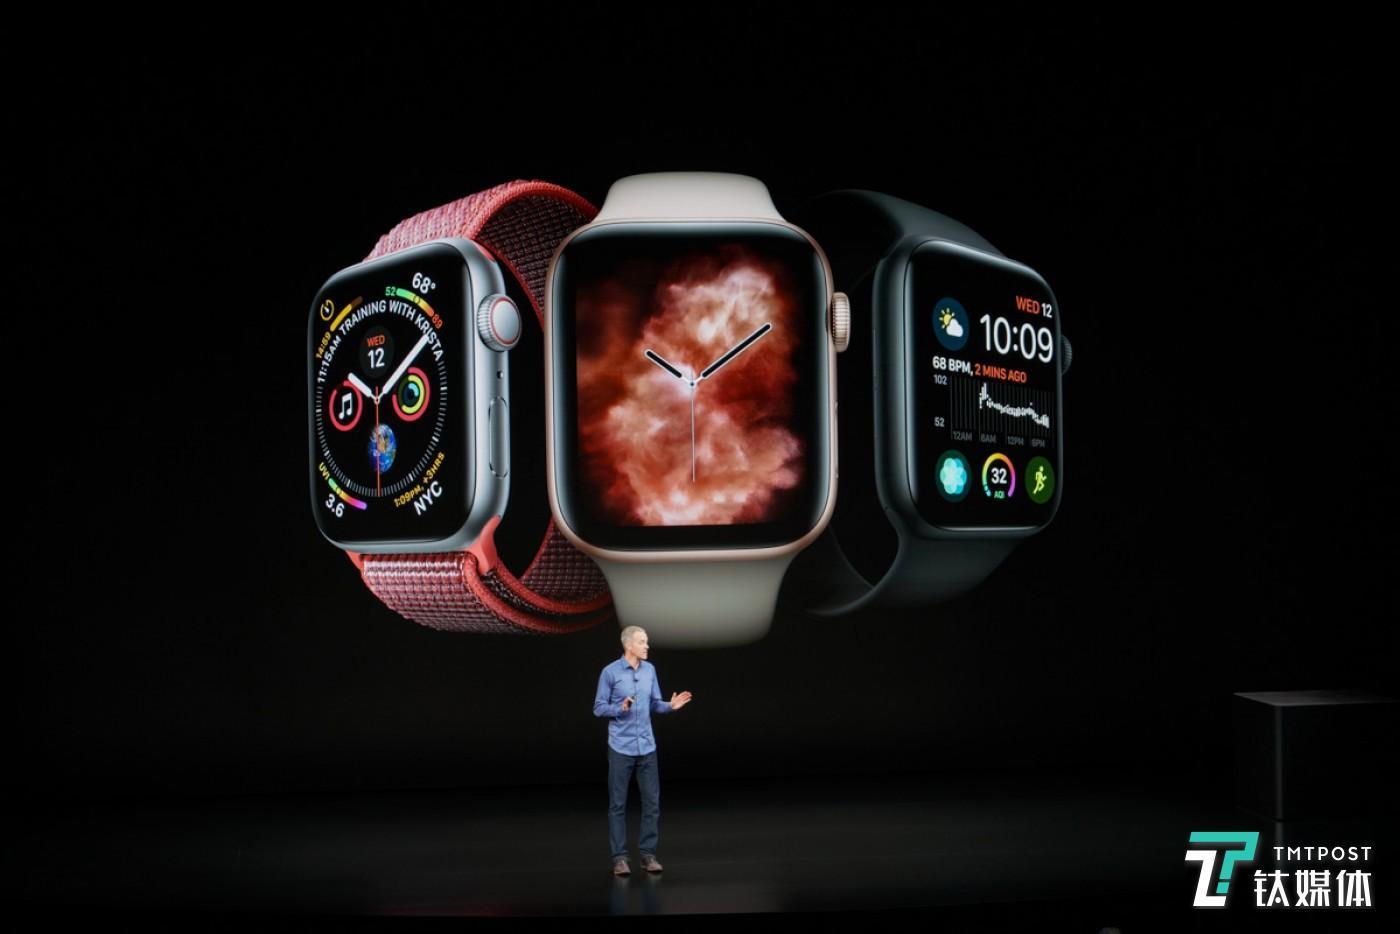 苹果发布Apple Watch Series 4